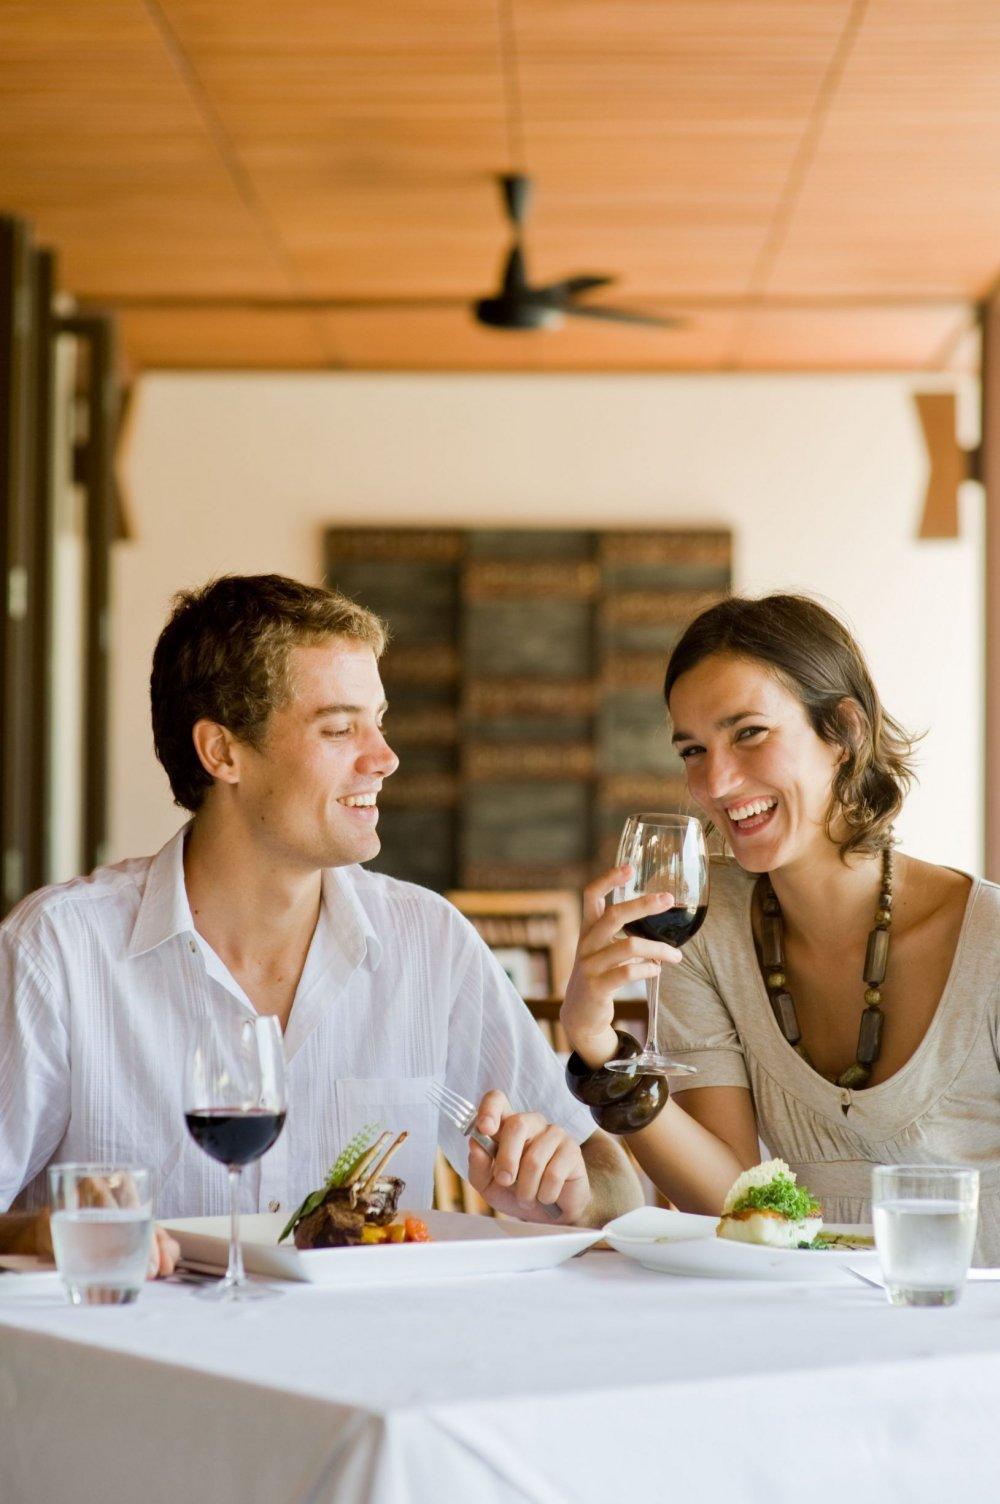 első randevú randevú szabályok mit mondhat neked egy randevú szkennelés?